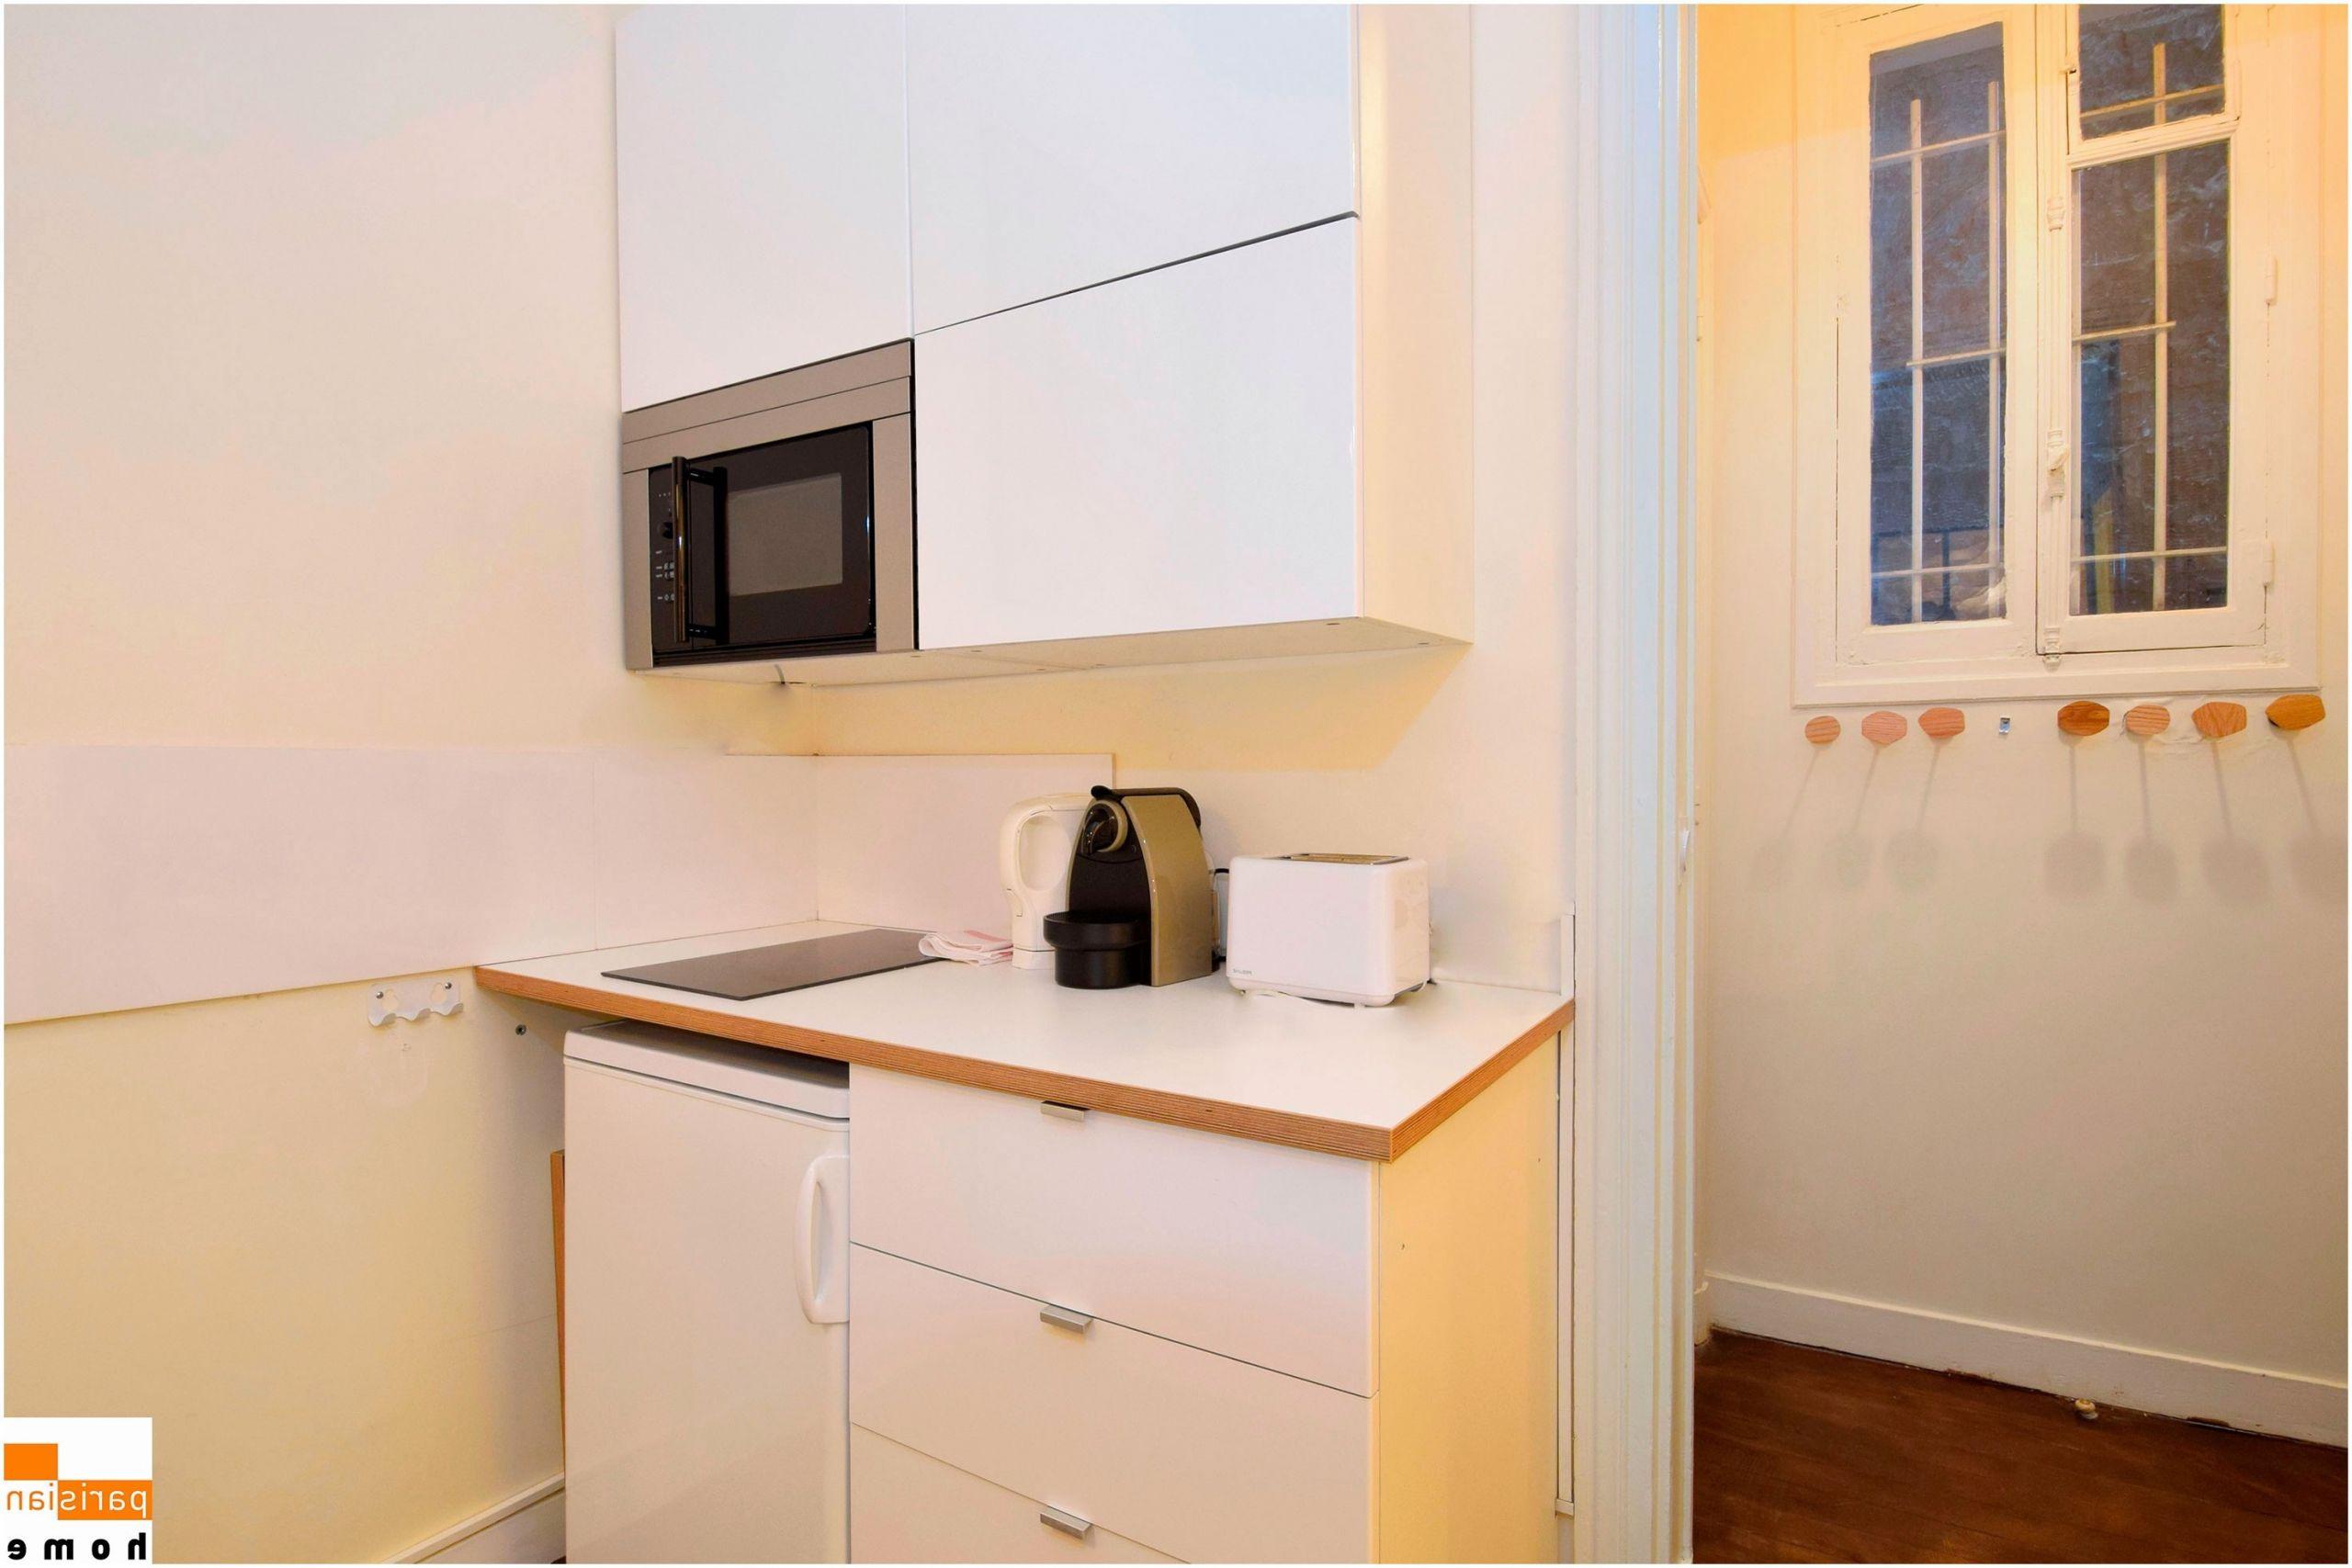 meuble salon laque blanc meuble laque gris table basse laquee grise de 30meilleur de meuble of meuble salon laque blanc